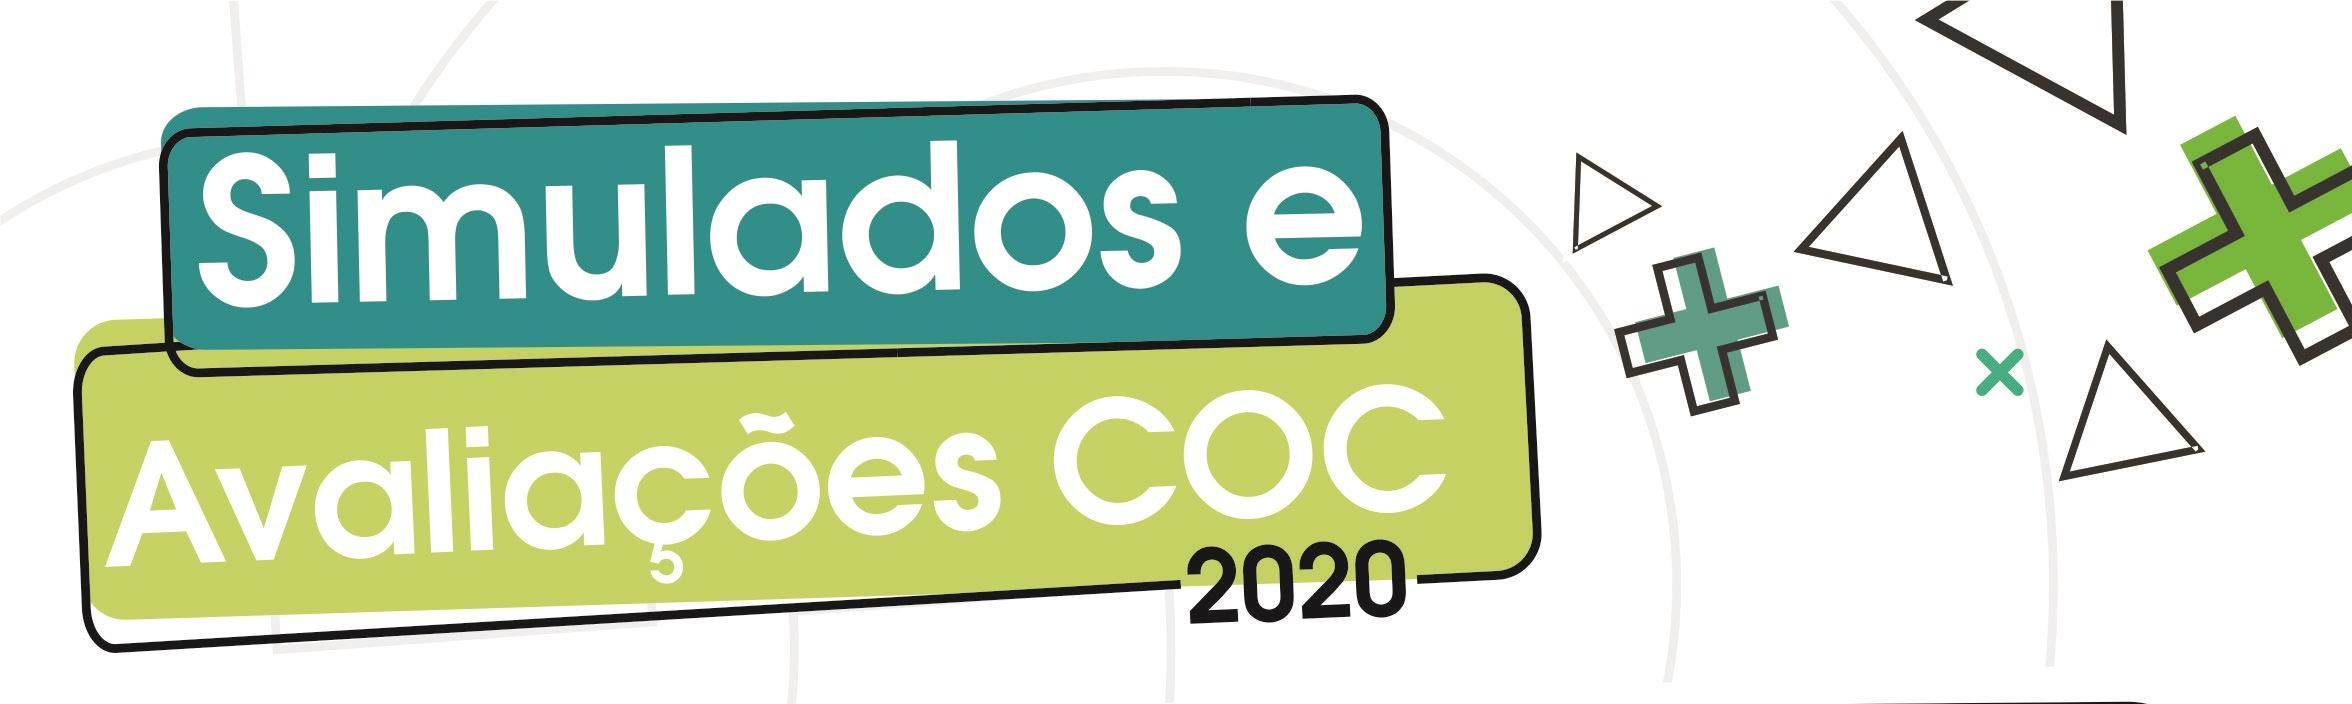 COMUNICADO-NOVAS-DATAS-SIMULADOS-COC-banner